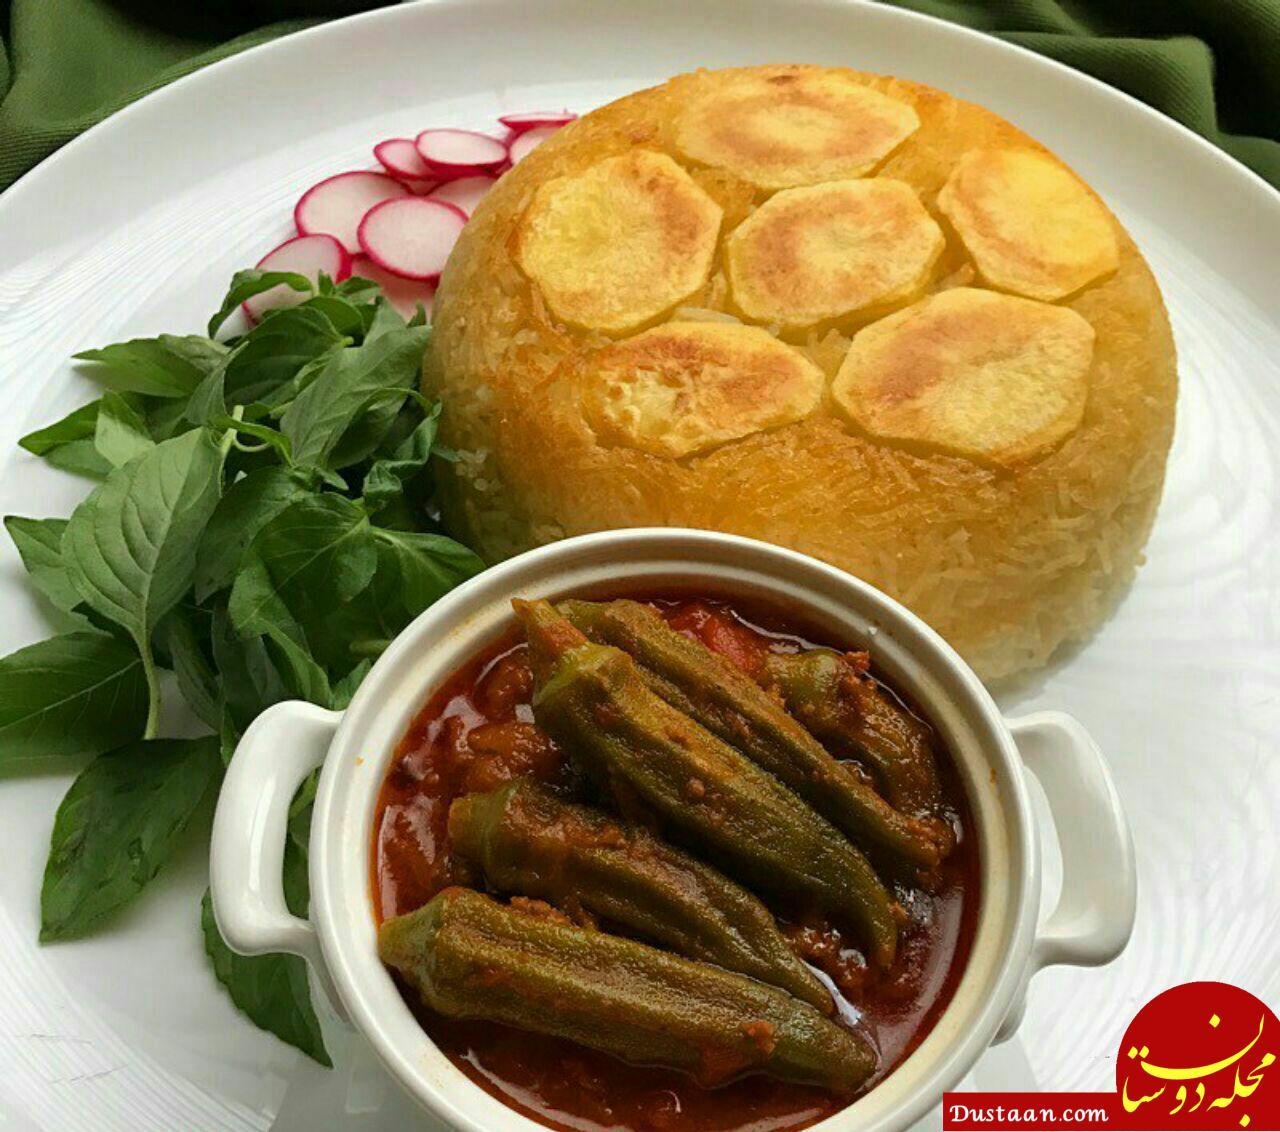 www.dustaan.com طرز تهیه خورشت بامیه با گوشت چرخ کرده به سبکی خوشمزه